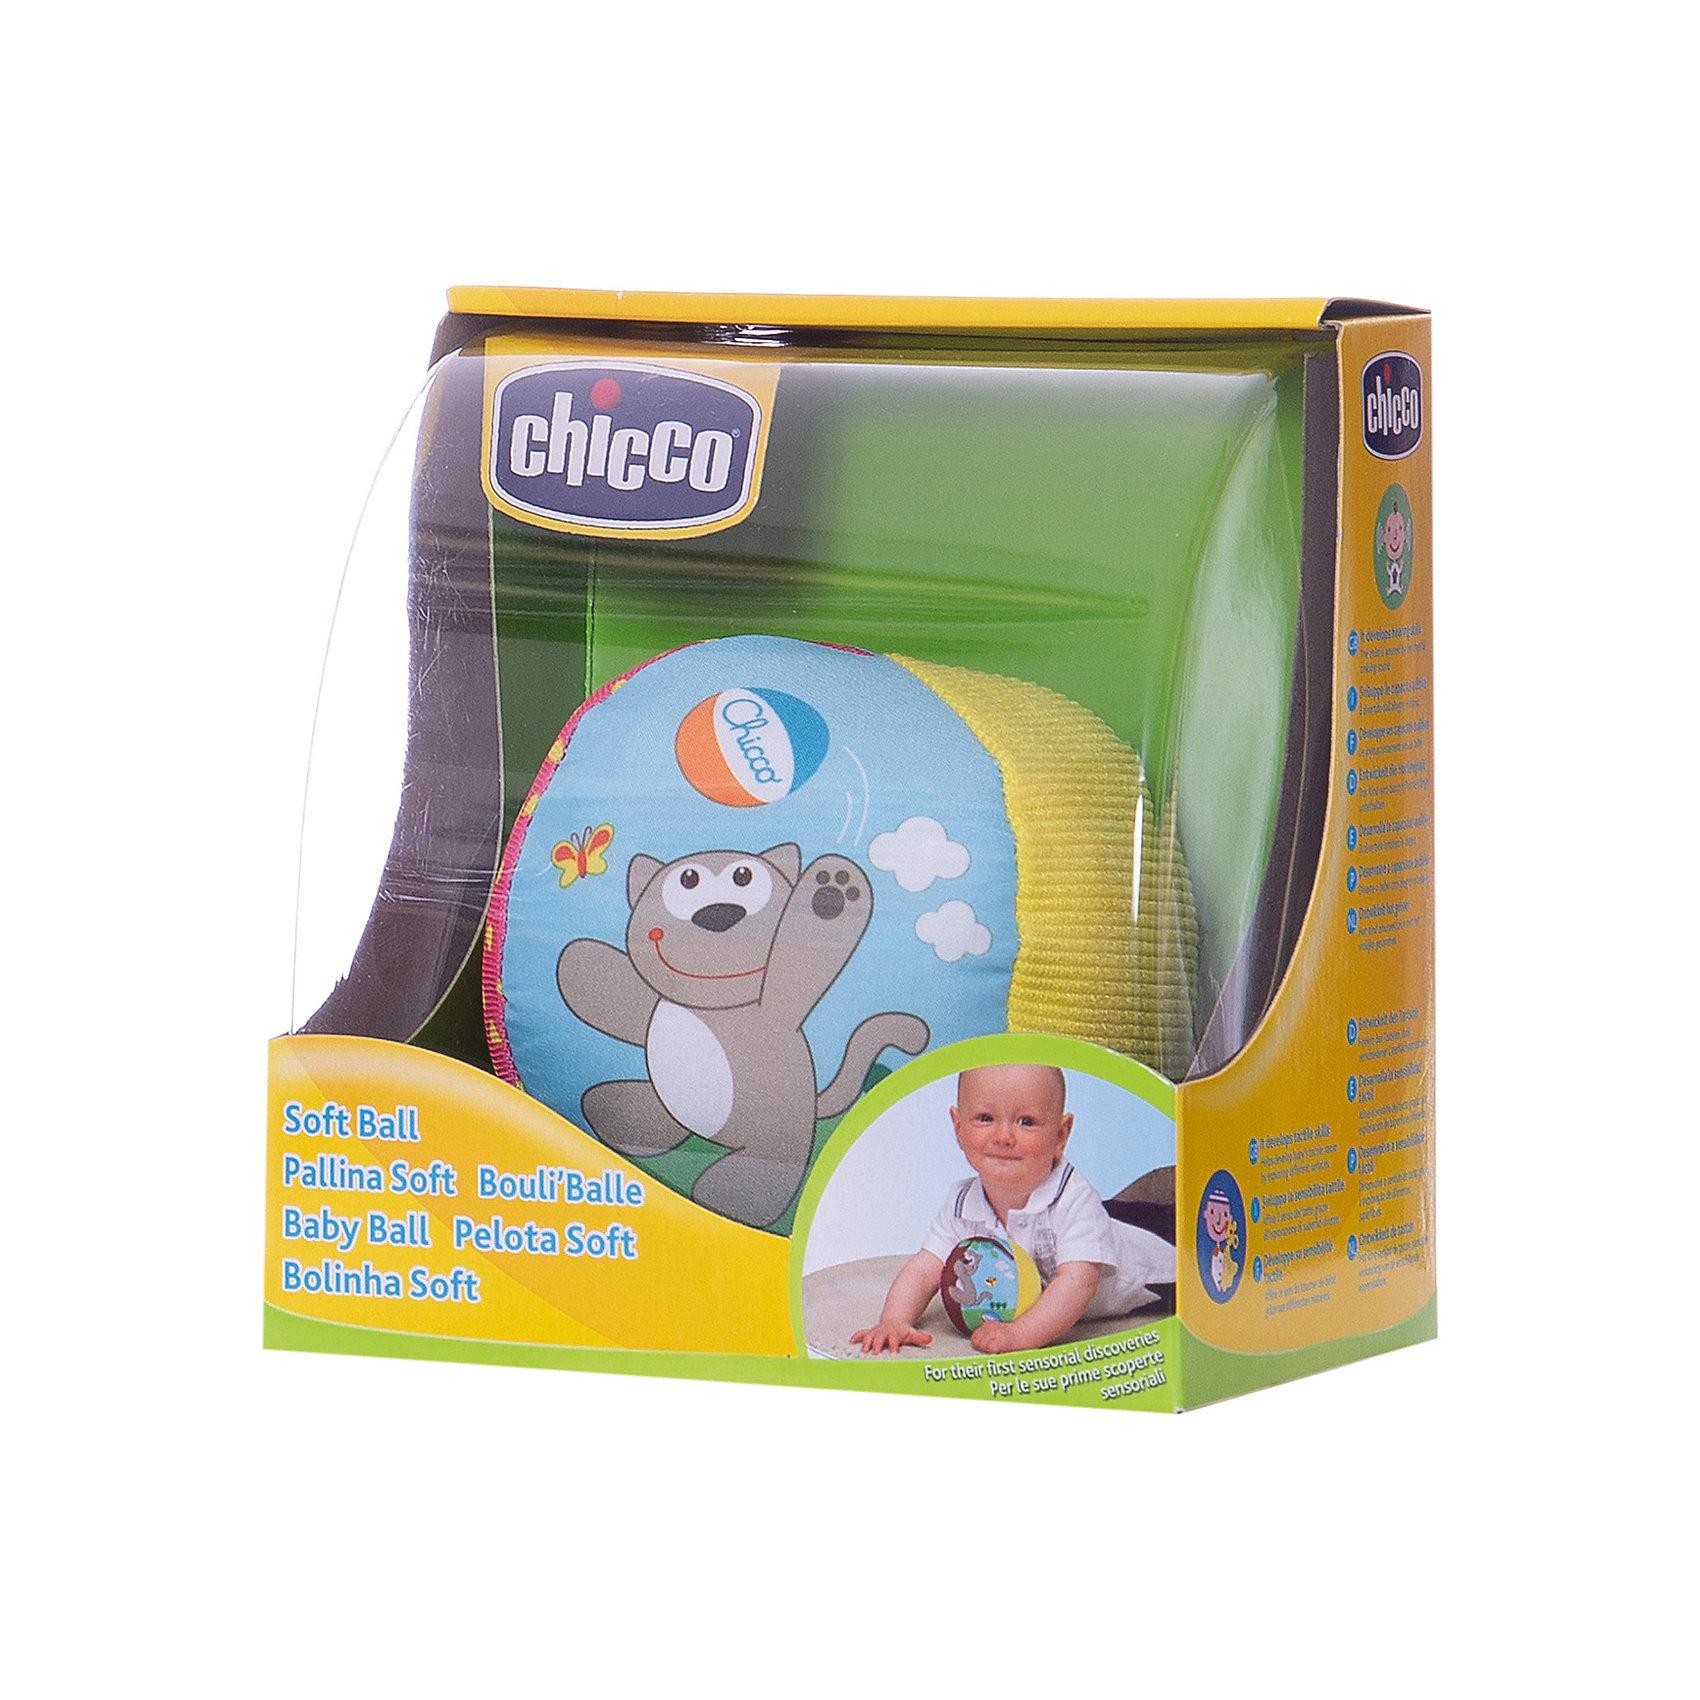 Мягкий мячик, ChiccoМягкий мячик, Chicco (Чико) сшит из кусочков ткани разных цветов и фактур в виде яркого полосатого мячика, оформленного изображениями в виде играющего котика. Рассматривая и ощупывая его поверхность, ребенок развивает тактильное восприятие, учится различать и сравнивать цвета. Он легкий и мягкий, поэтому малышу будет удобно хватать, катать и бросать. Если его немного потрясти, то он будет греметь, благодаря шарикам, которые находятся внутри. <br><br>Дополнительная информация:<br>-Материалы: текстиль<br>-Размеры:  9х9х9 см<br><br>Развивающая игрушка «Мягкий мячик» станет отличным подарком для каждого малыша!<br><br>Мягкий мячик, Chicco (Чико) можно купить в нашем магазине.<br><br>Ширина мм: 140<br>Глубина мм: 105<br>Высота мм: 149<br>Вес г: 140<br>Возраст от месяцев: 3<br>Возраст до месяцев: 18<br>Пол: Унисекс<br>Возраст: Детский<br>SKU: 4123475